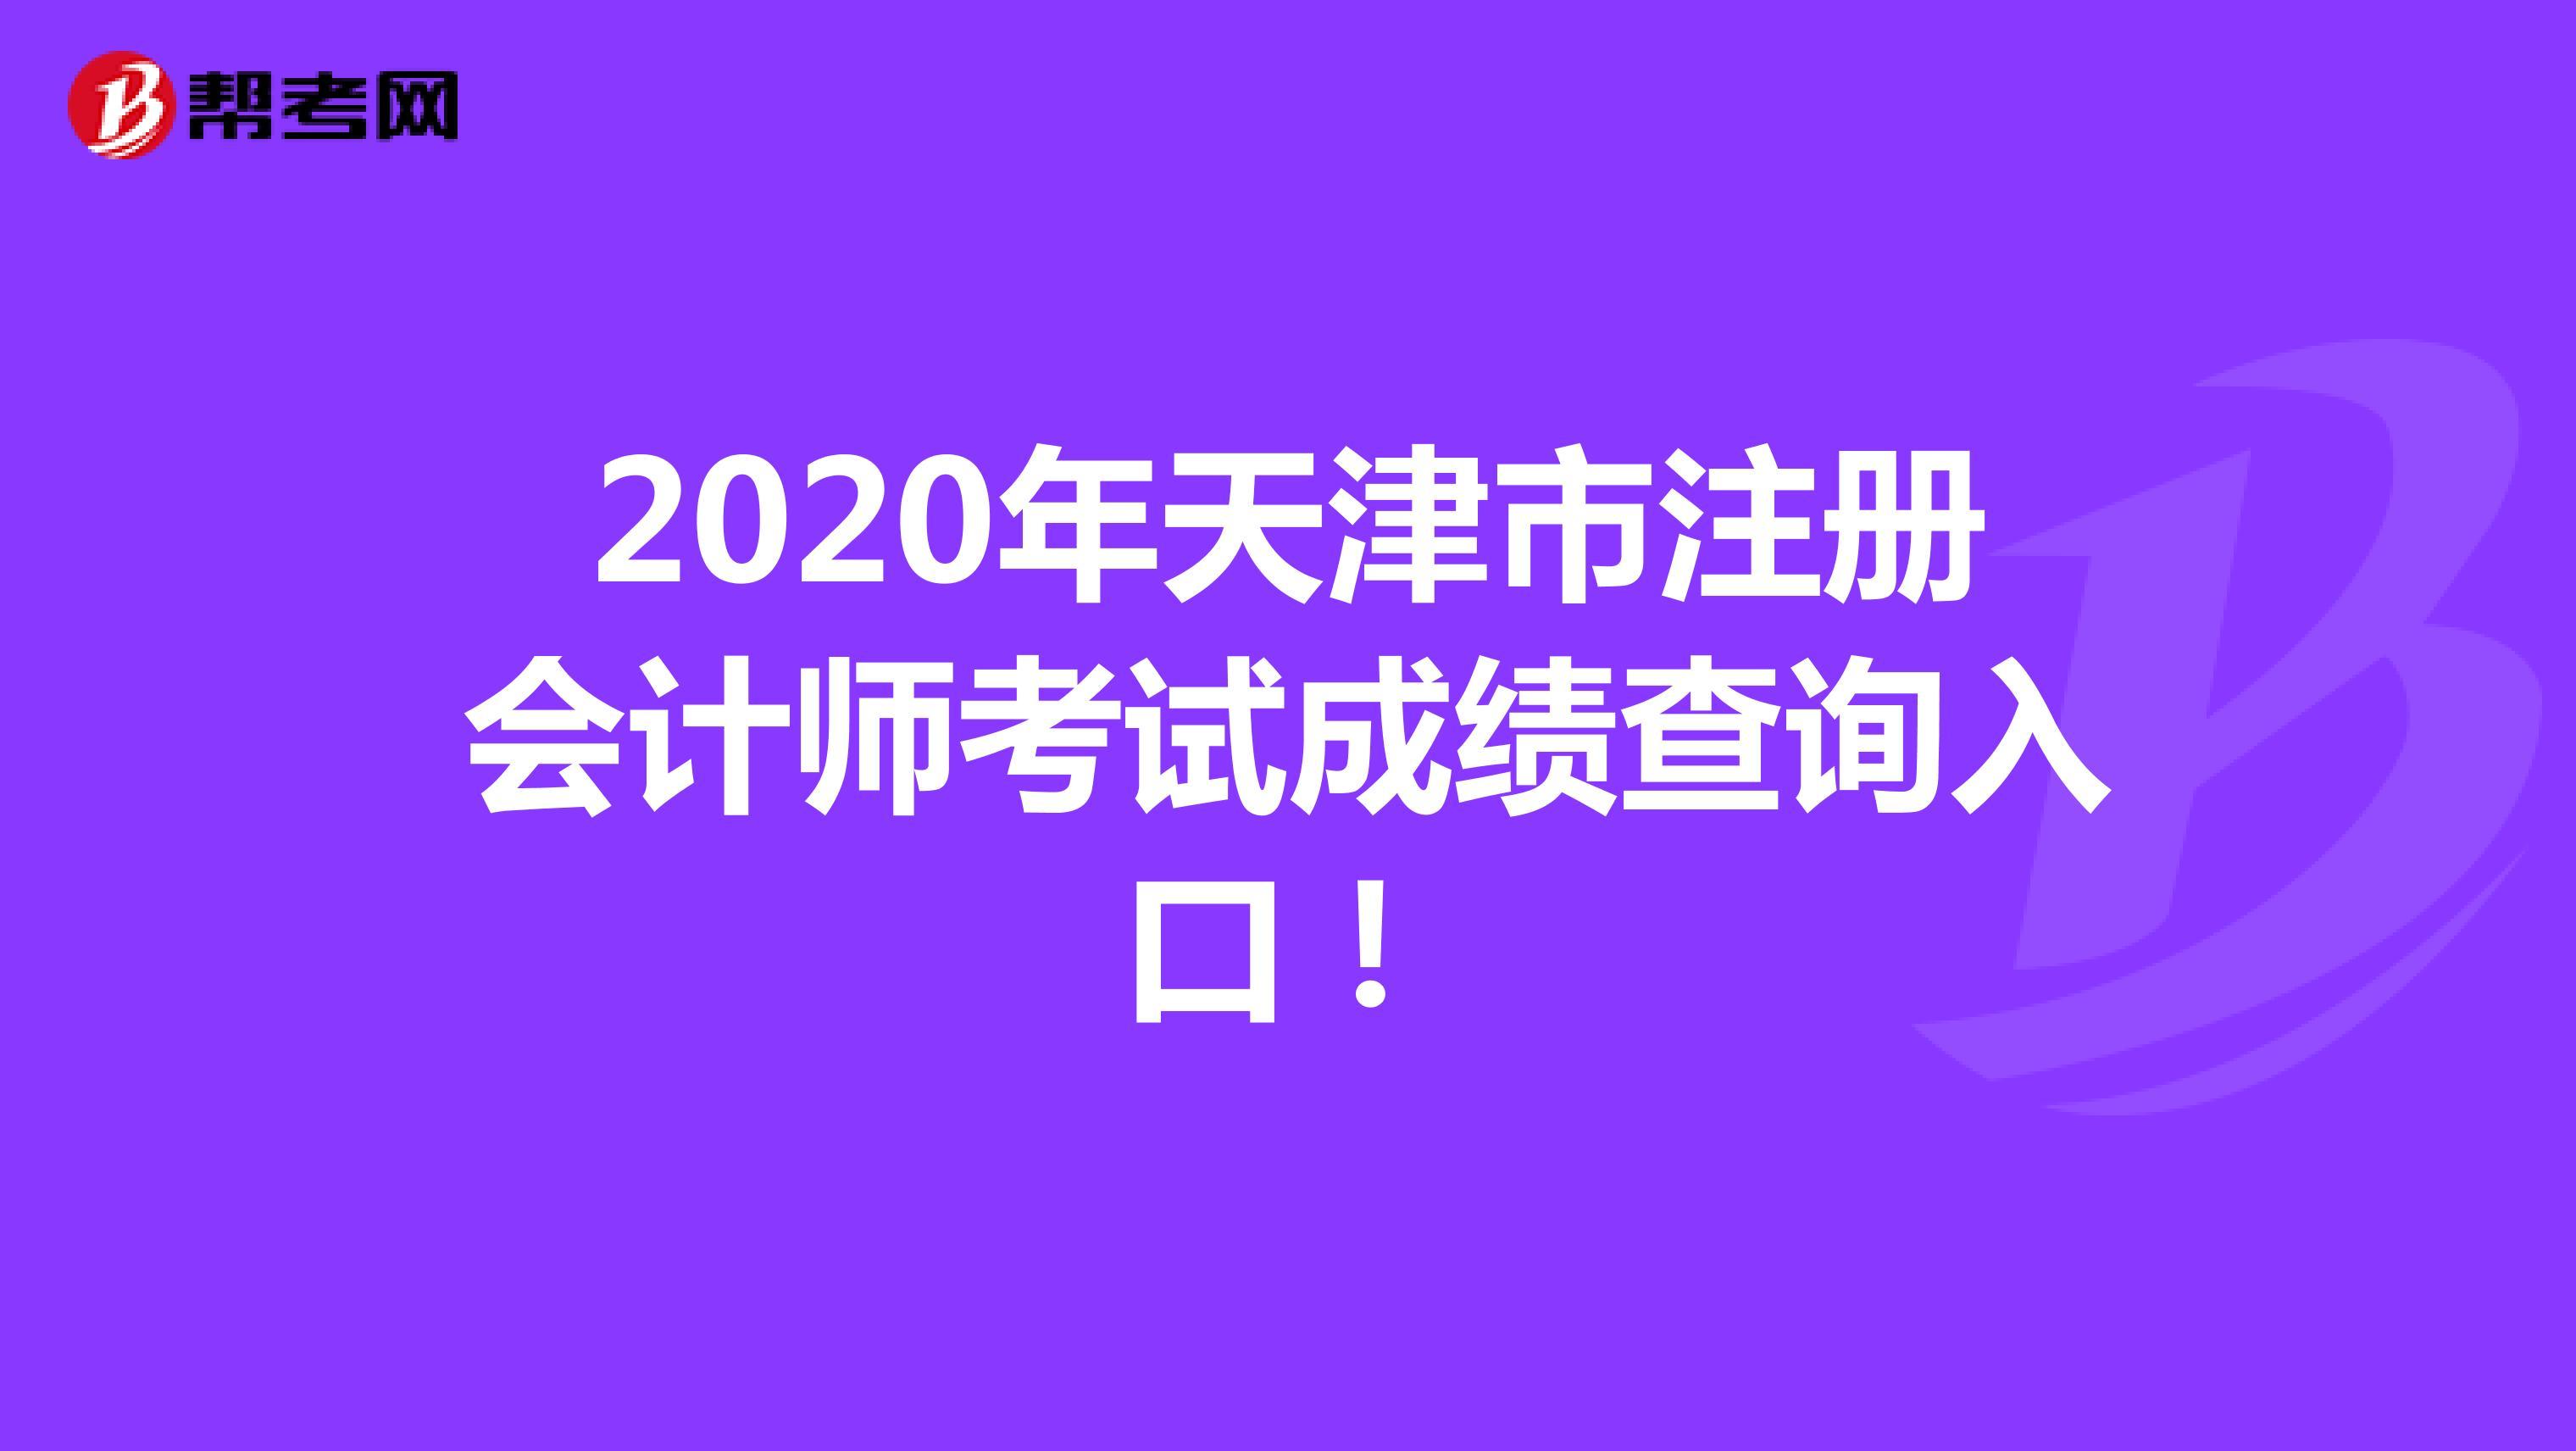 2020年天津市注冊會計師考試成績查詢入口!